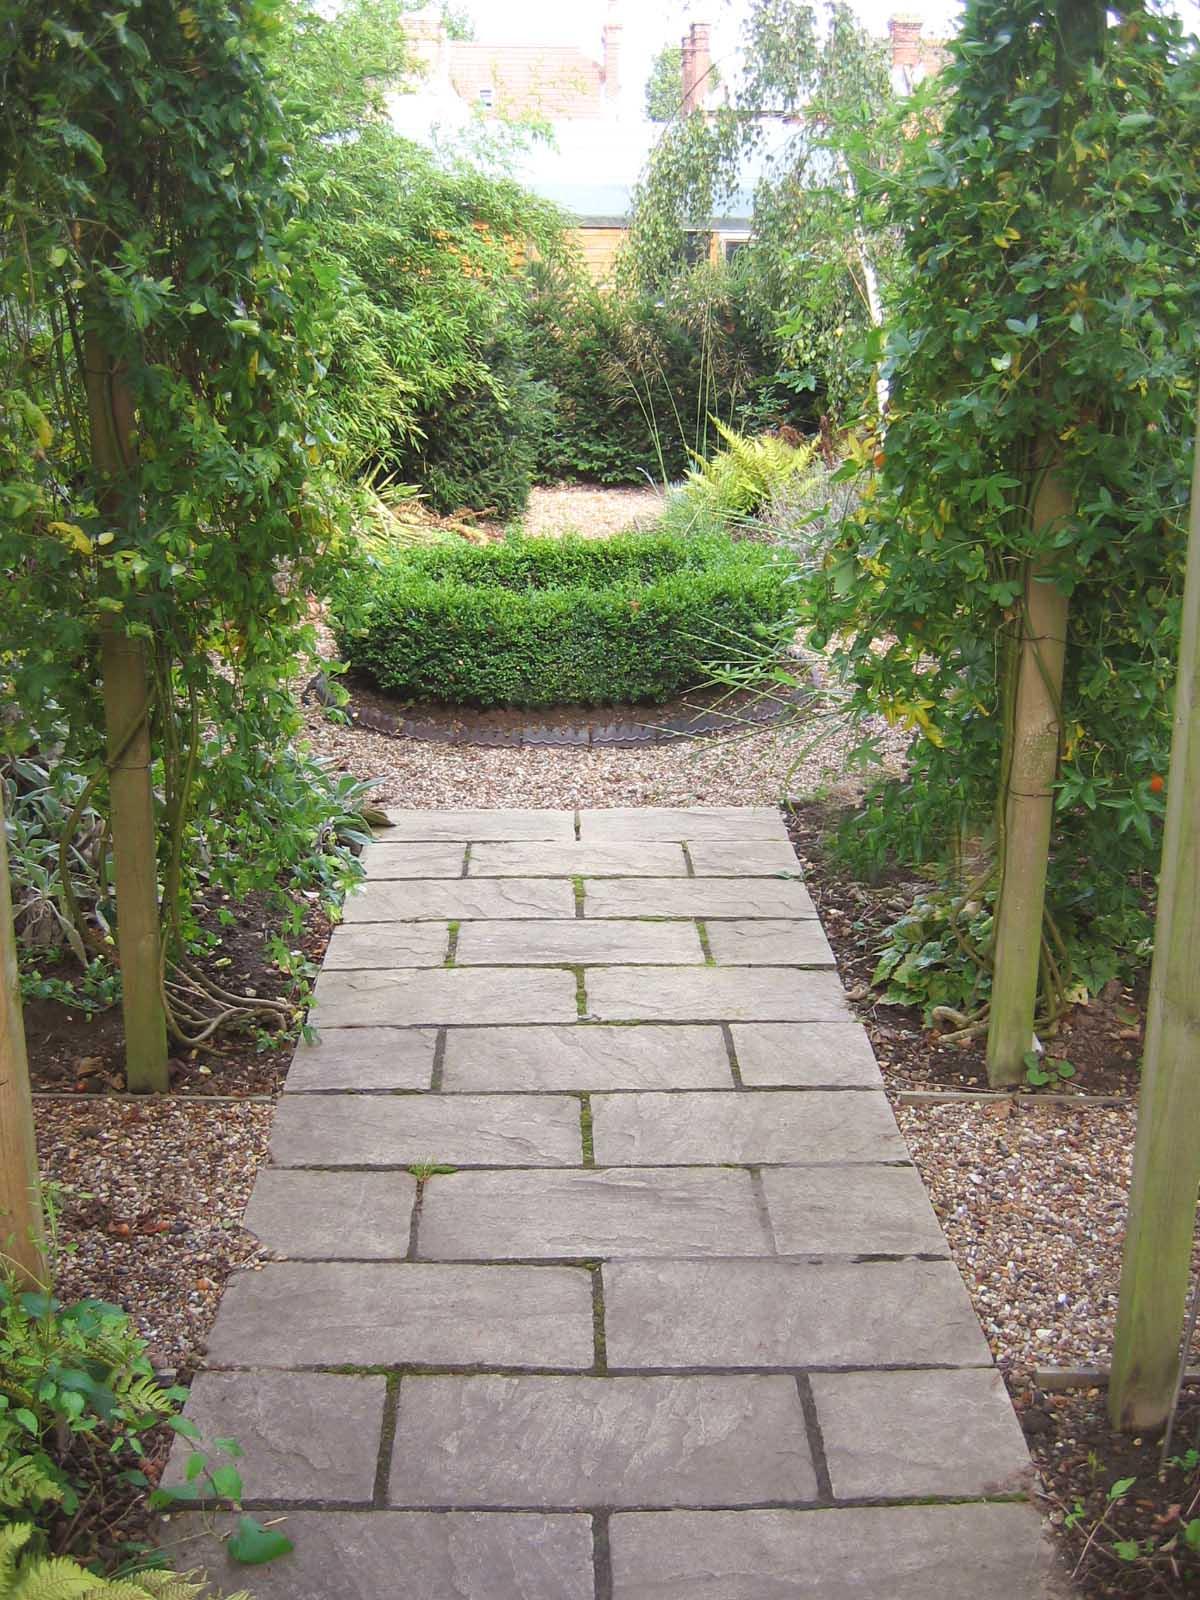 2. Jo's garden